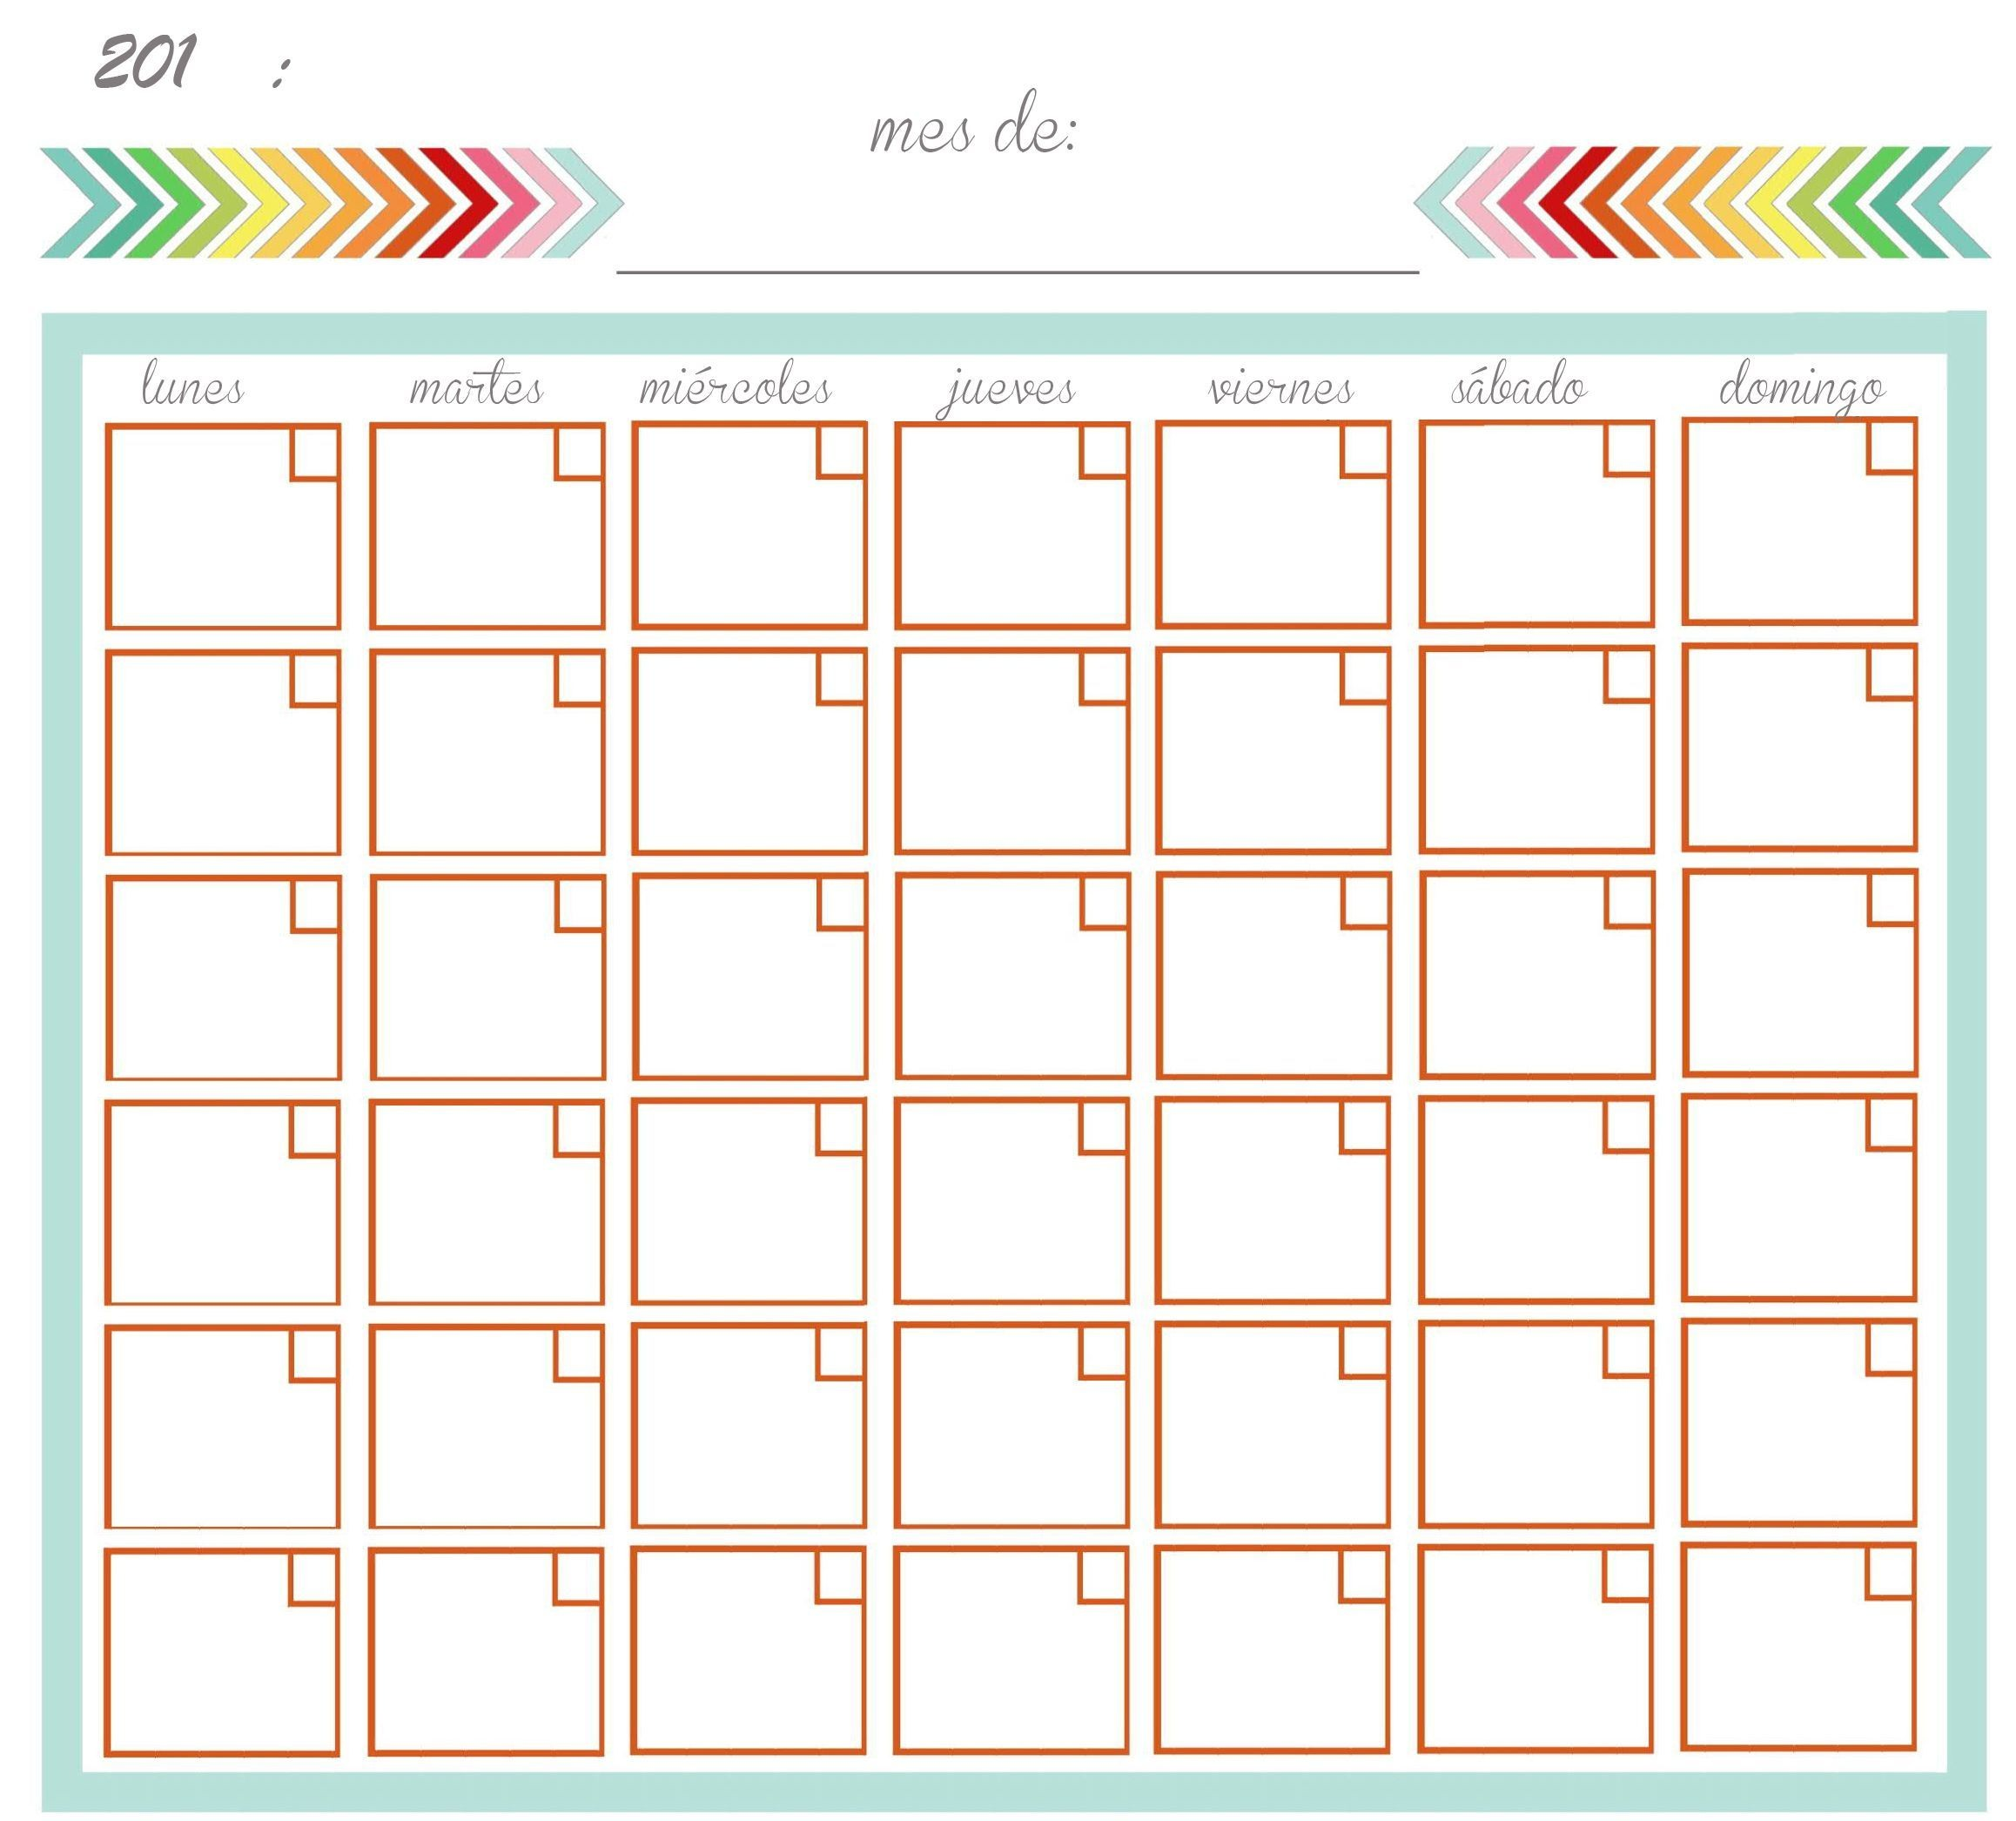 Calendario Mesa 2019 Imprimir Gratis Actual Calendario Perpetuo Espa'ol todo Tipo De Cosas Of Calendario Mesa 2019 Imprimir Gratis Más Recientes Calendário 2019